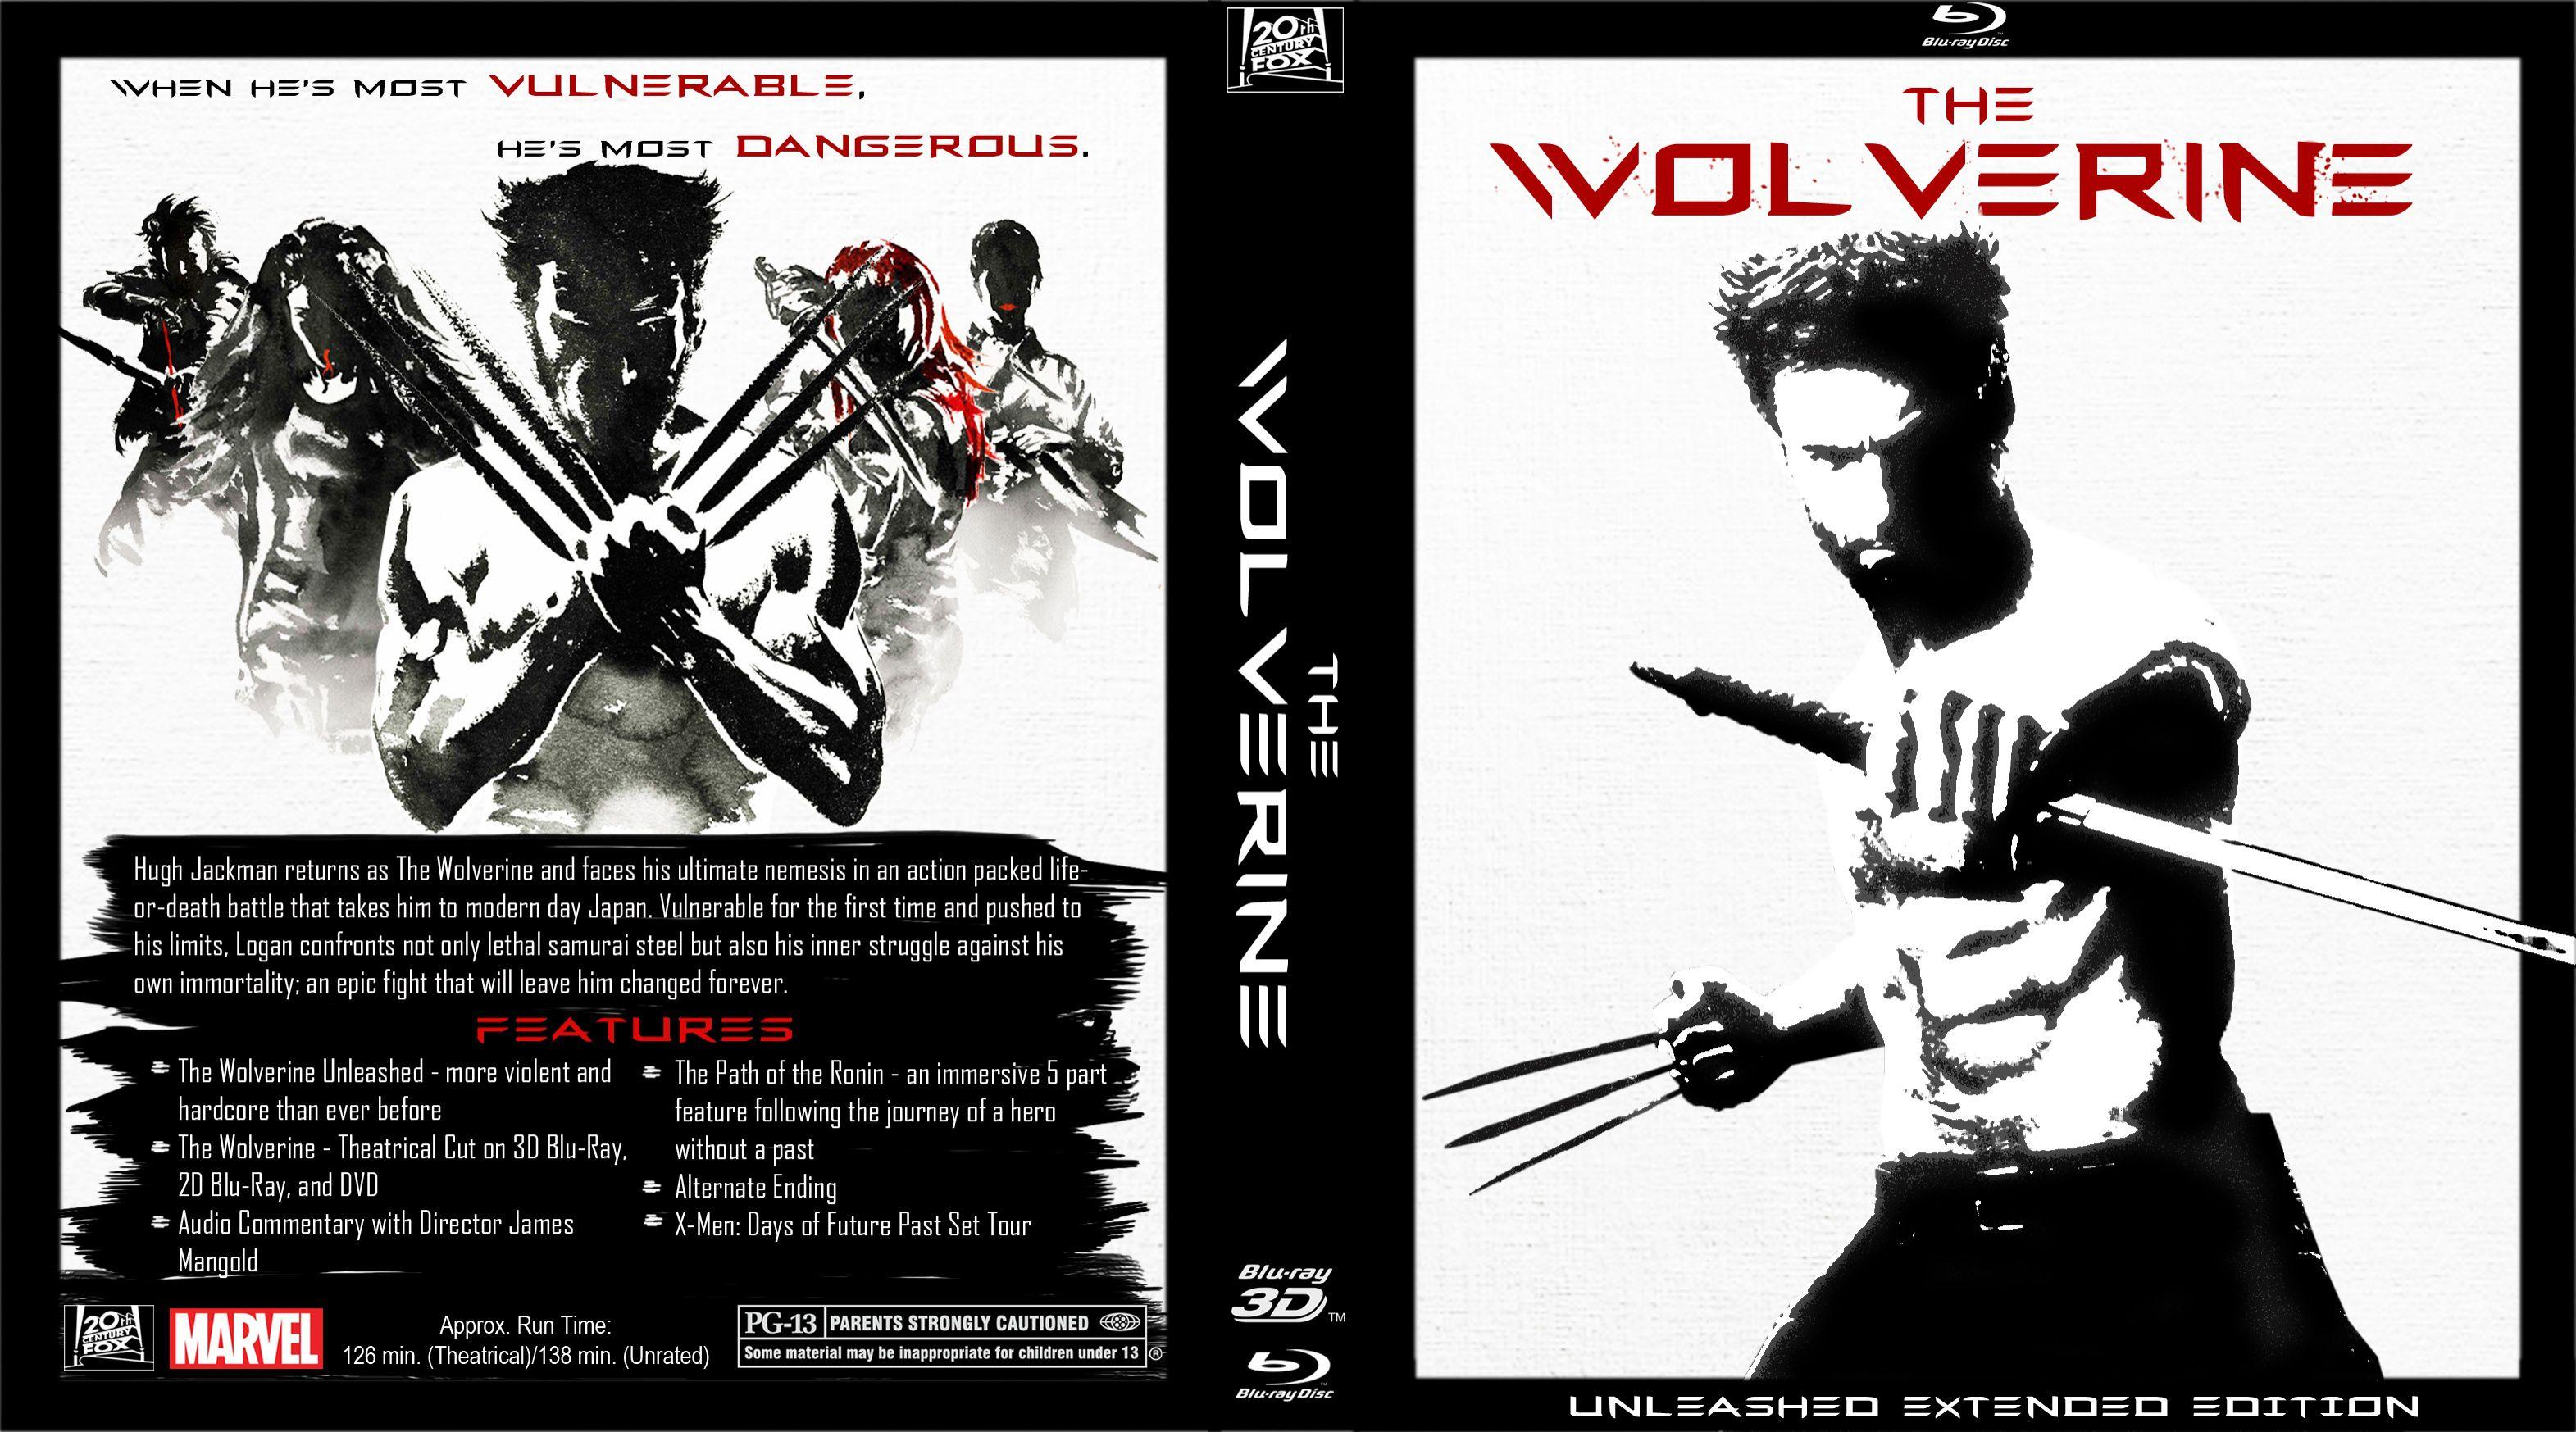 Capa Bluray The Wolverine